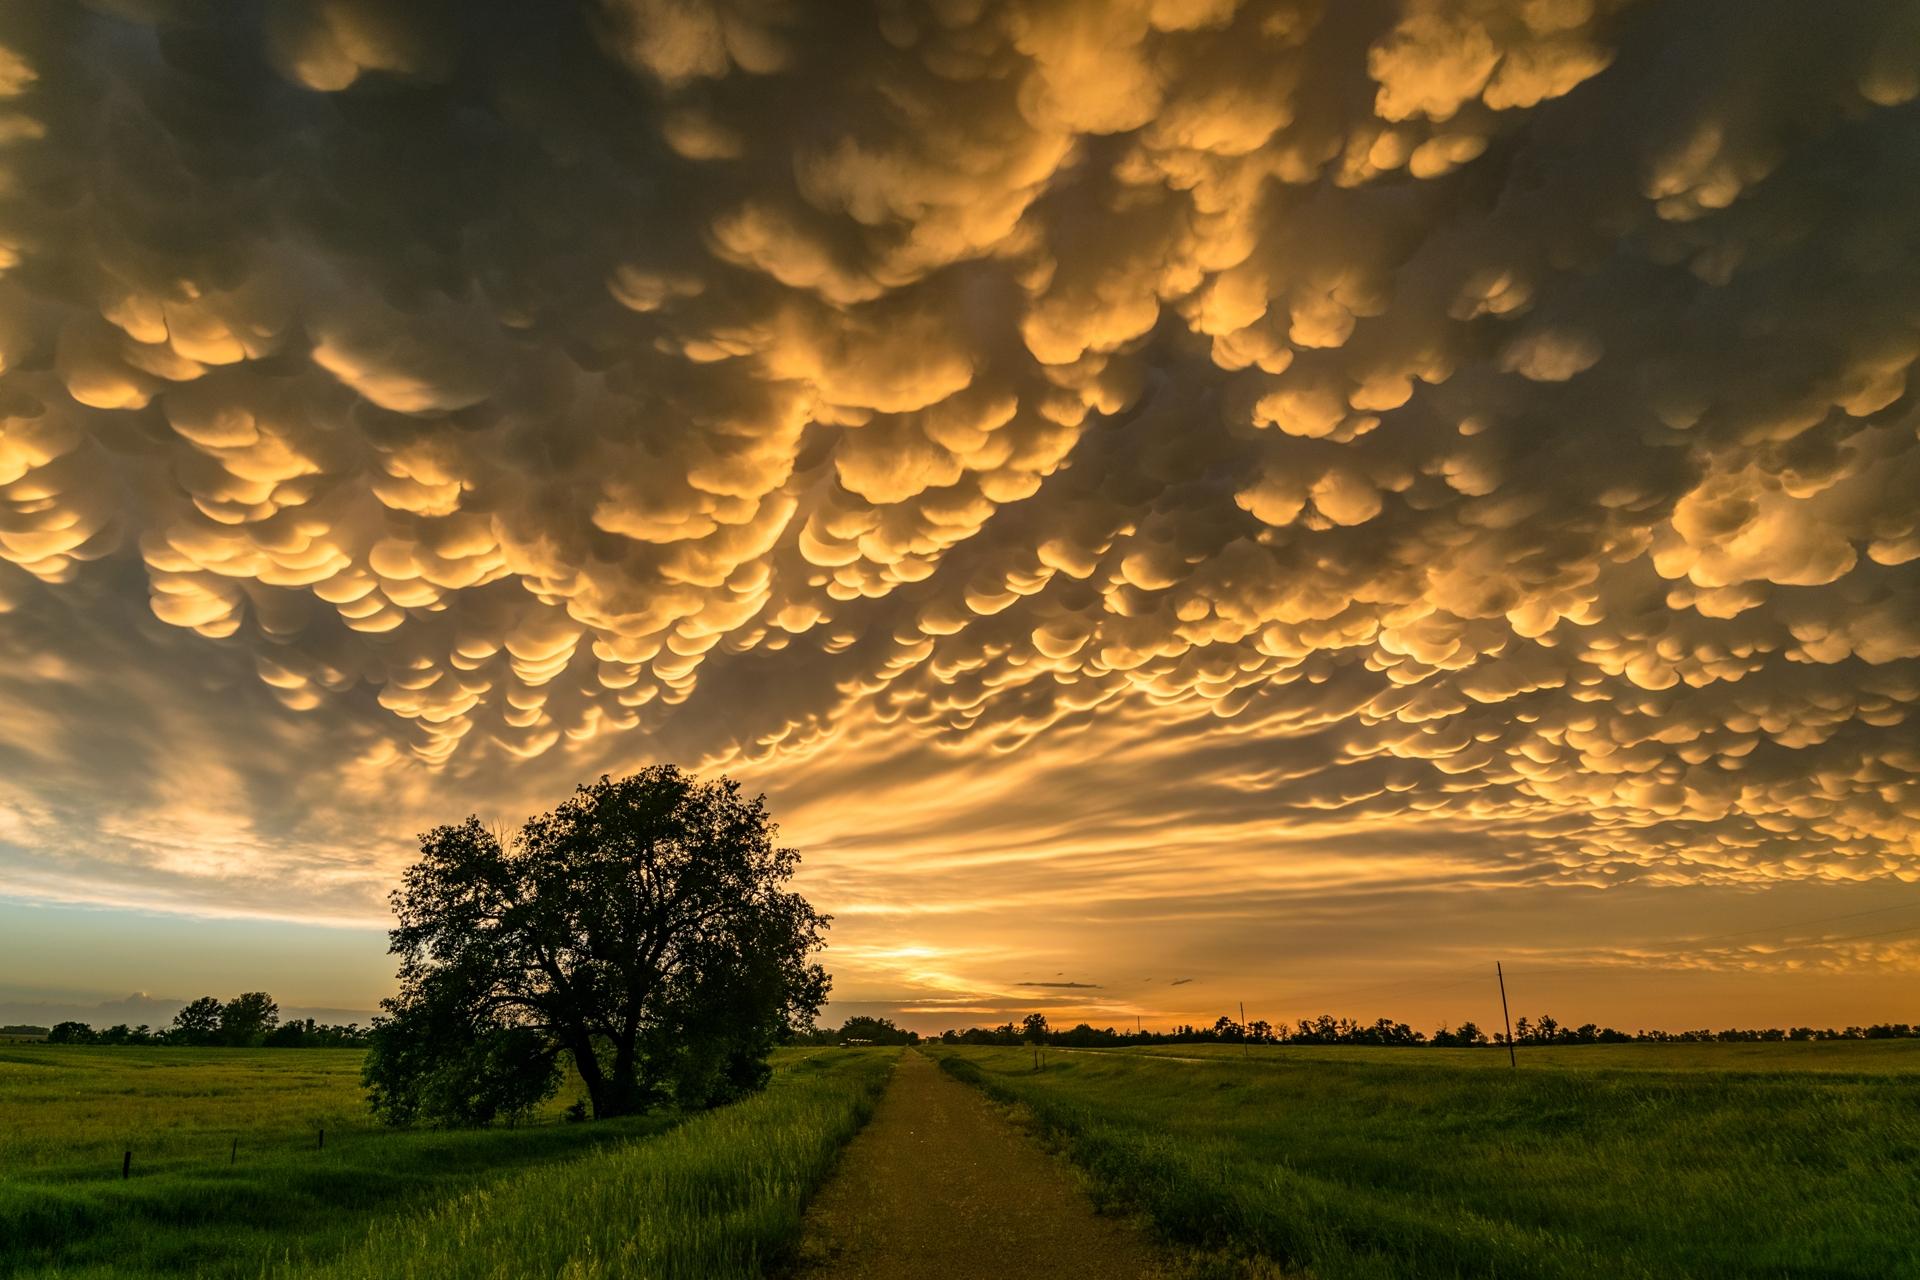 幻想的な夕暮れの風景 ネブラスカ アメリカの風景